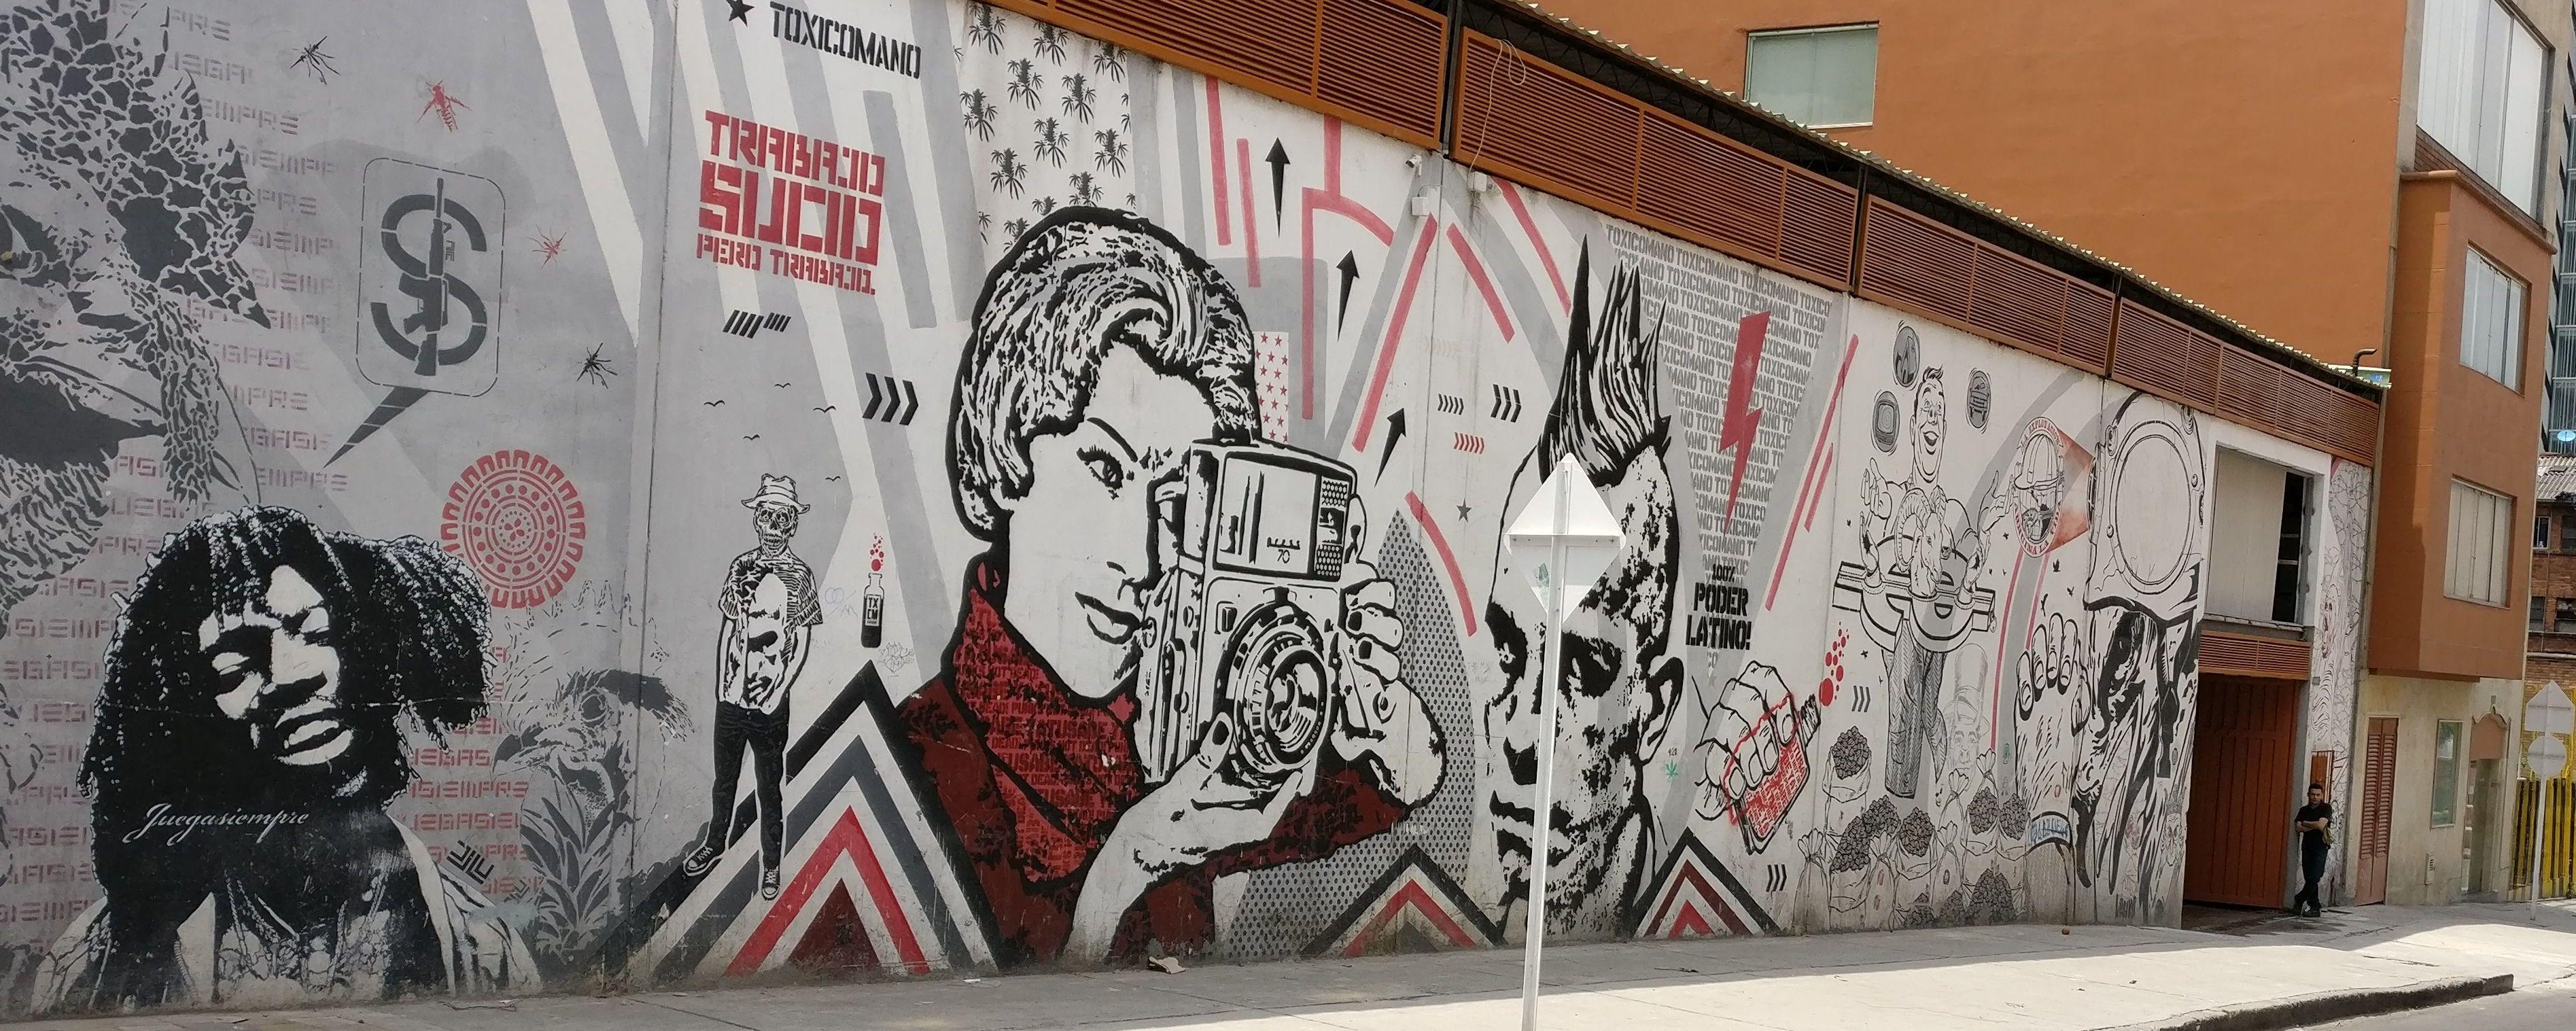 Bogata Street Art